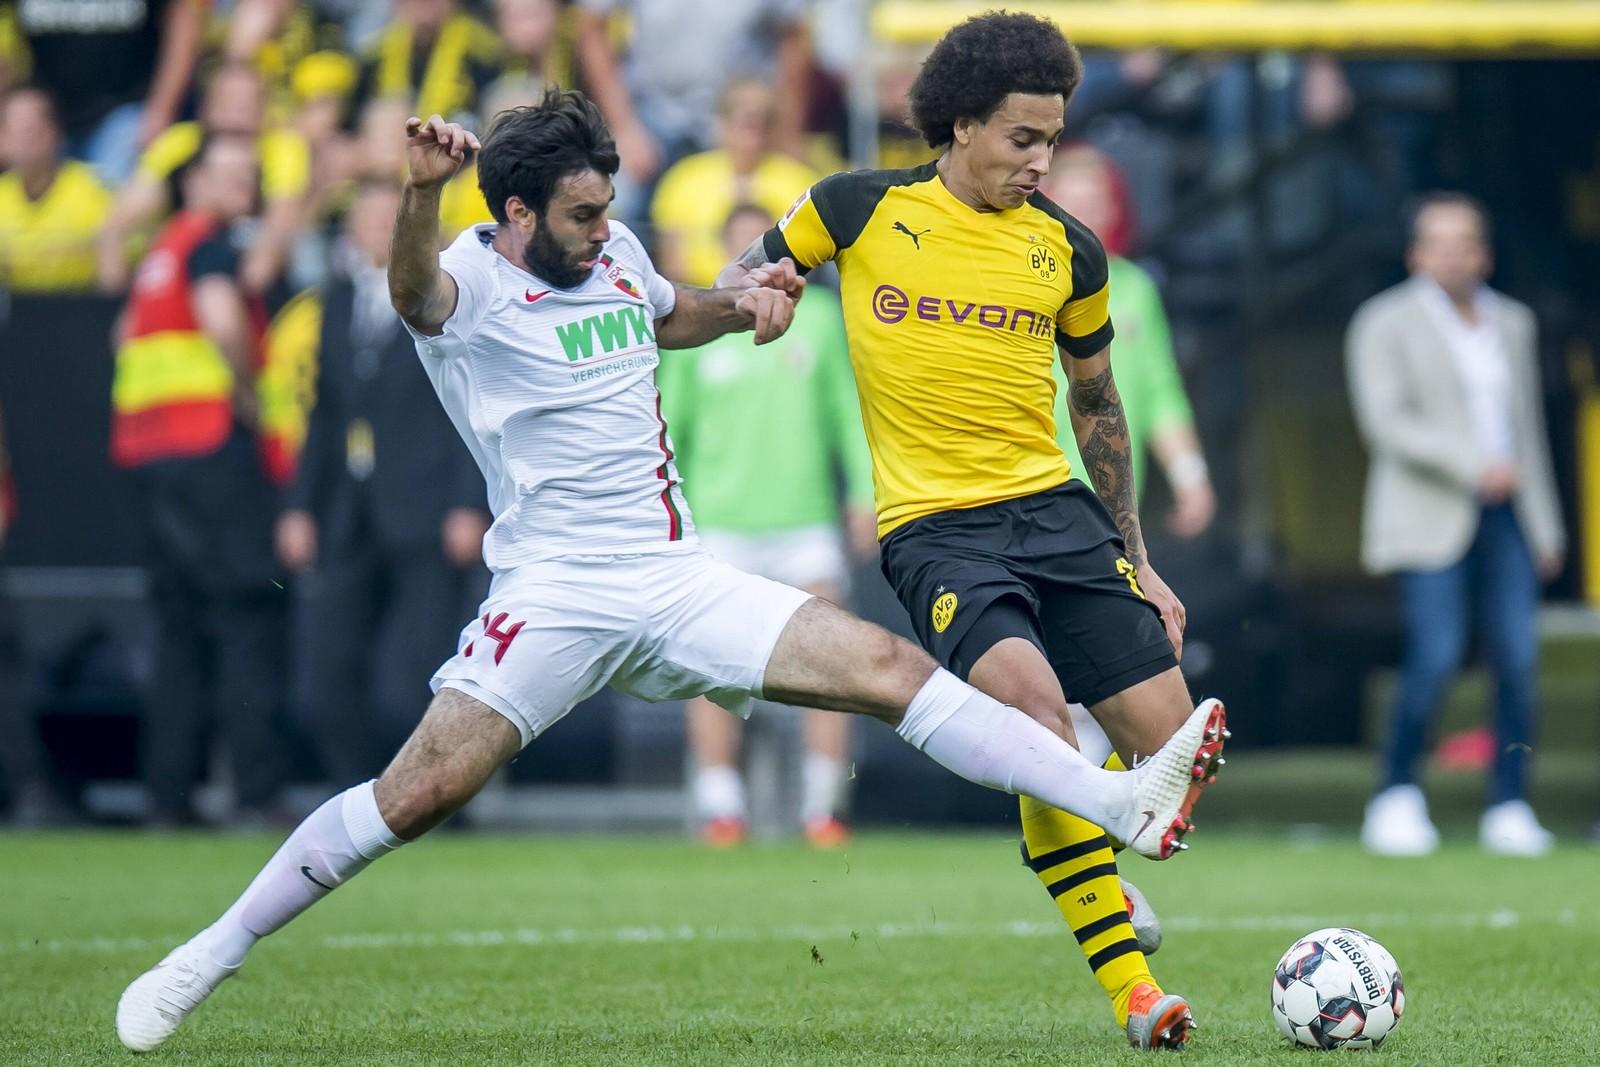 Kann Axel Witsel gegen Augsburg wieder sein Spiel aufziehen? Jetzt auf Augsburg gegen BVB wetten!